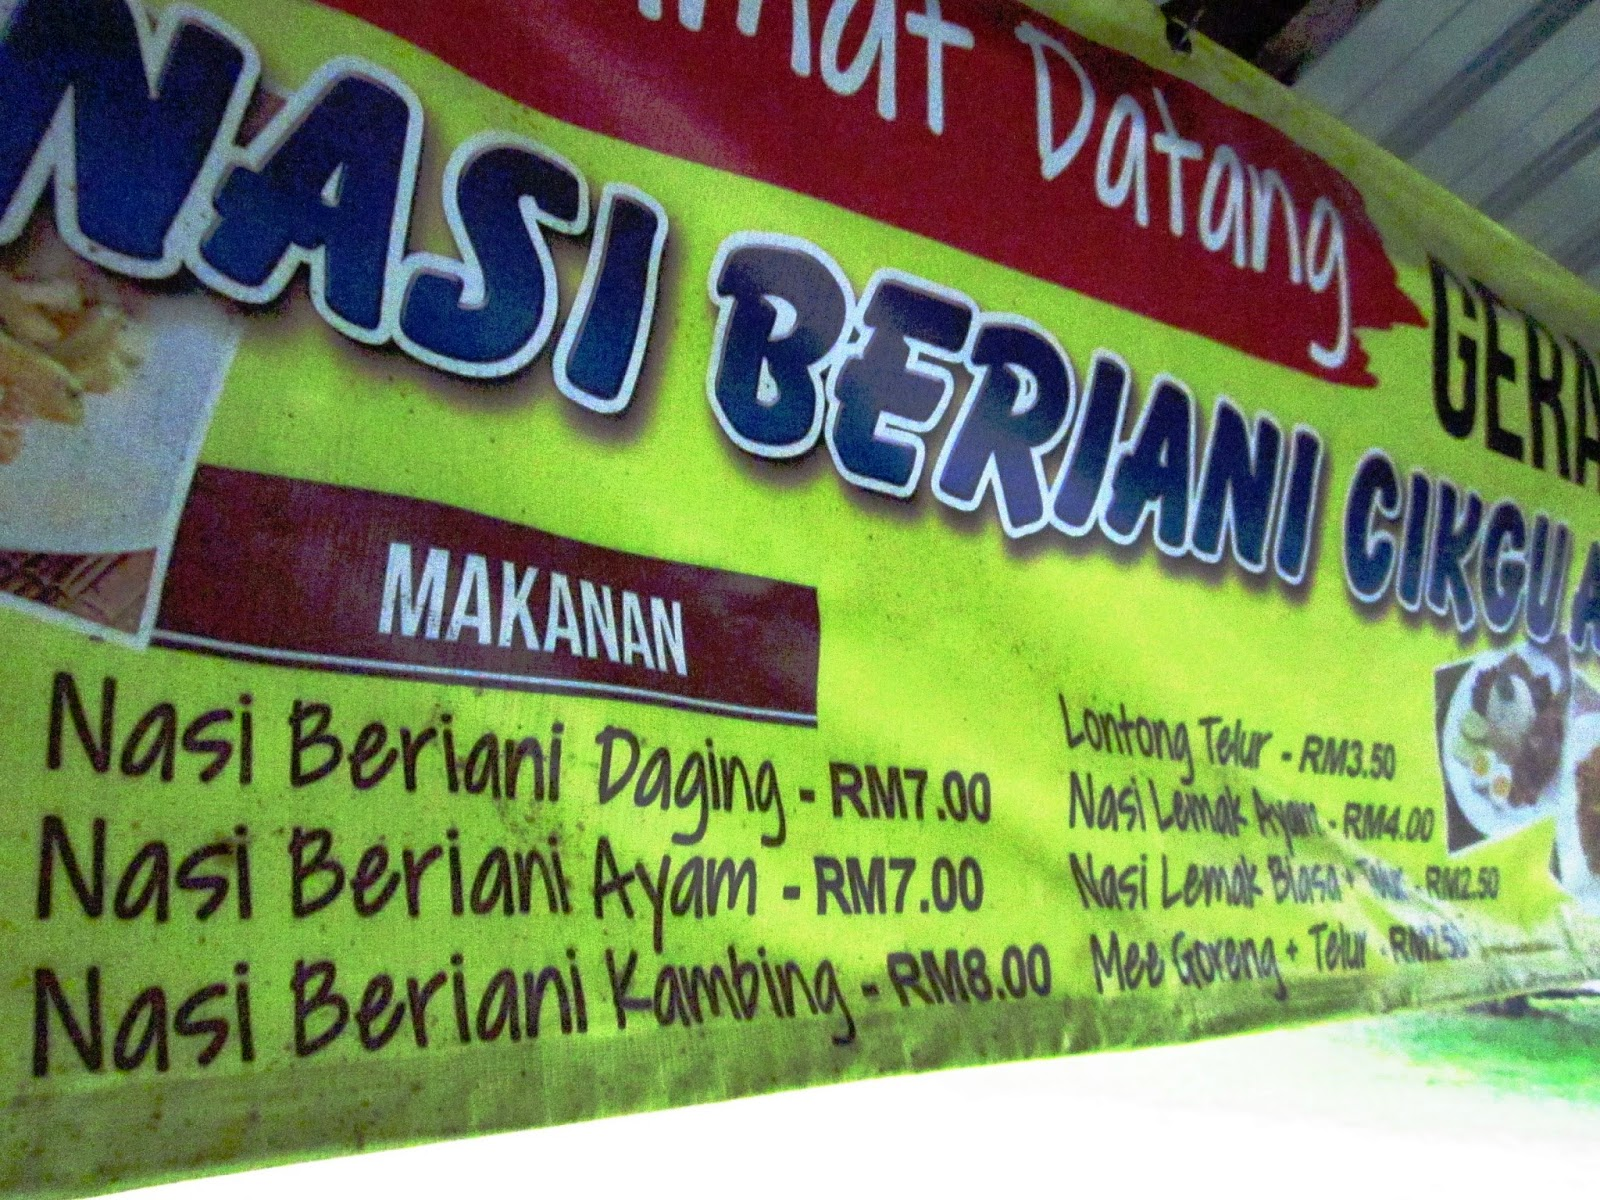 Nasi Beriani Cikgu Atan, Kampung Rambah, Pontian, Johor